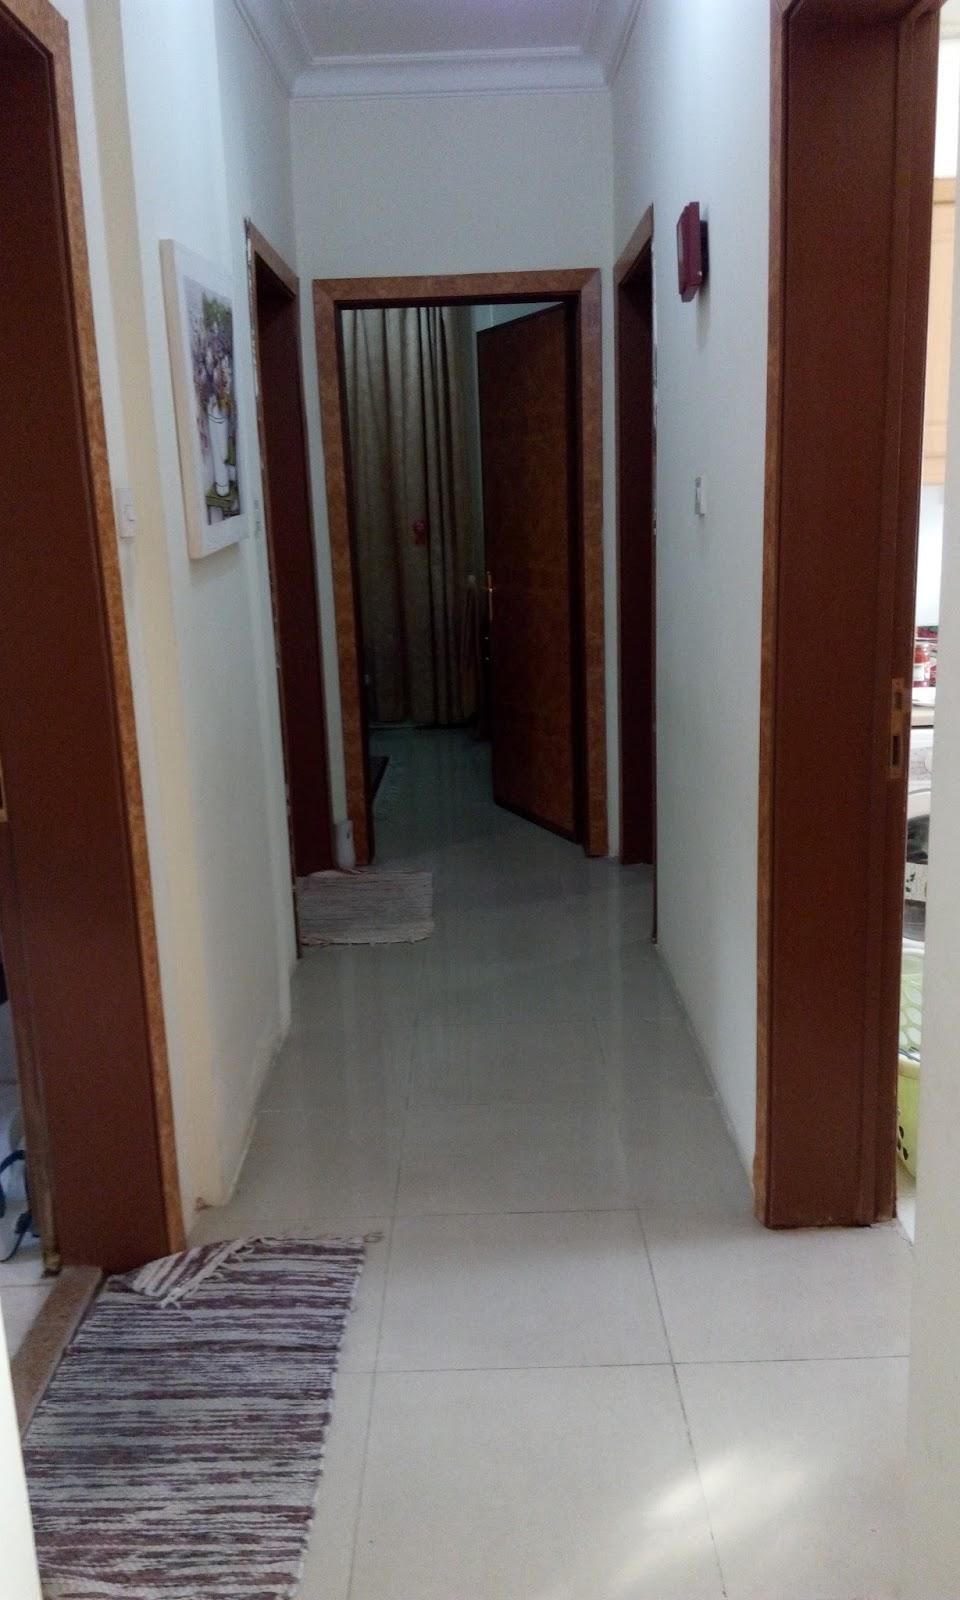 Lorong Dr Ruang Tamu Nak Ke Dapur Toilet N Bilik